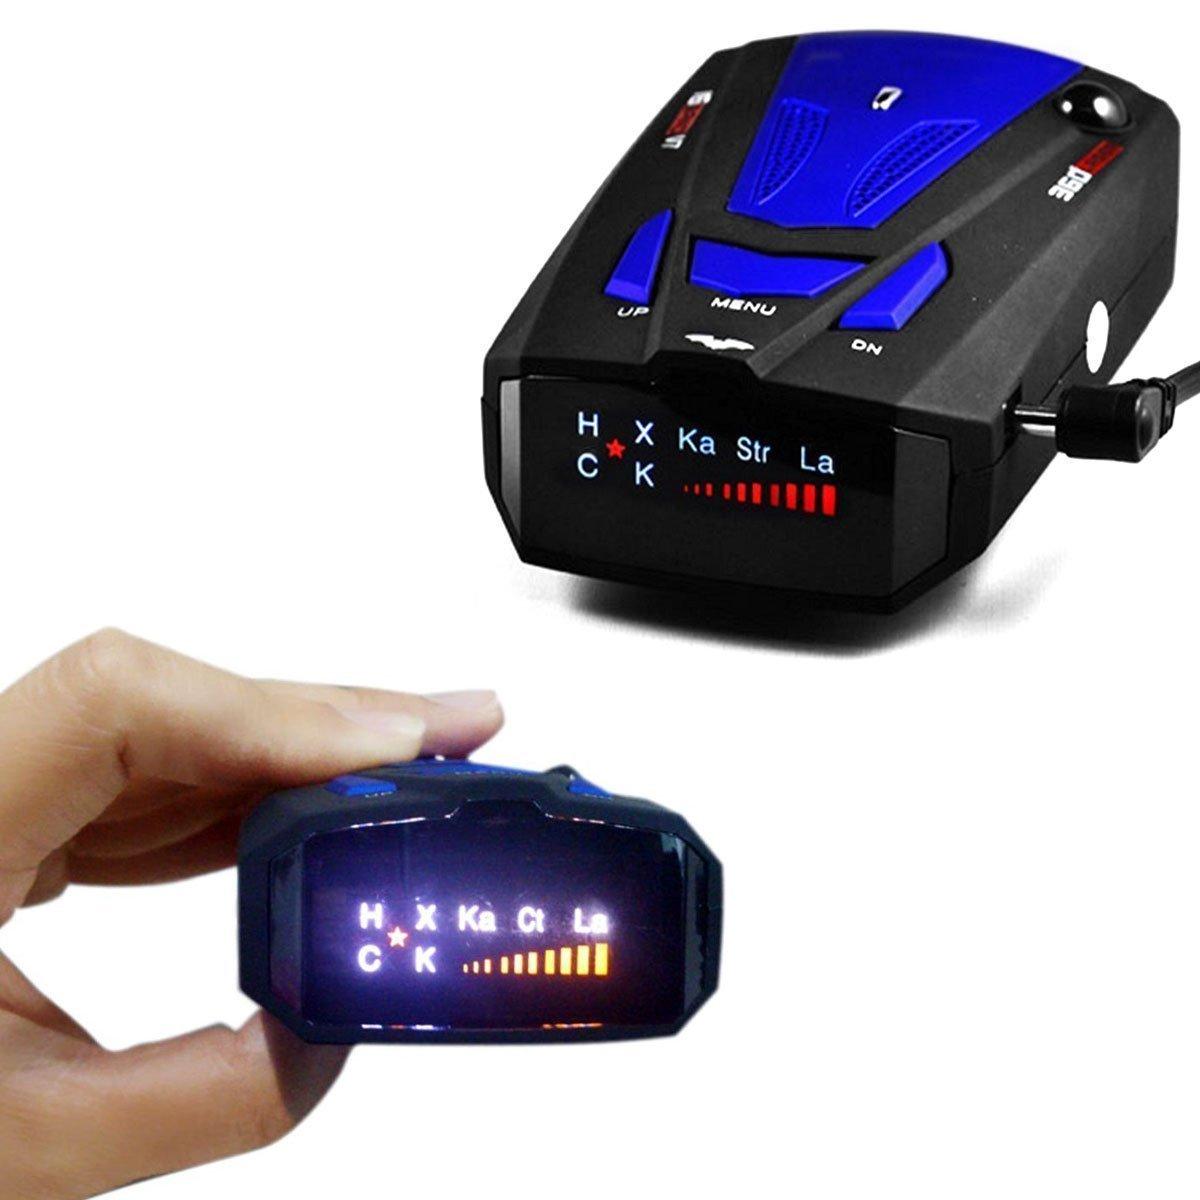 Rilevatore GPS per limite di velocità a 360 gradi, vocale, schermo V7 a infrarossi, blu Anzer